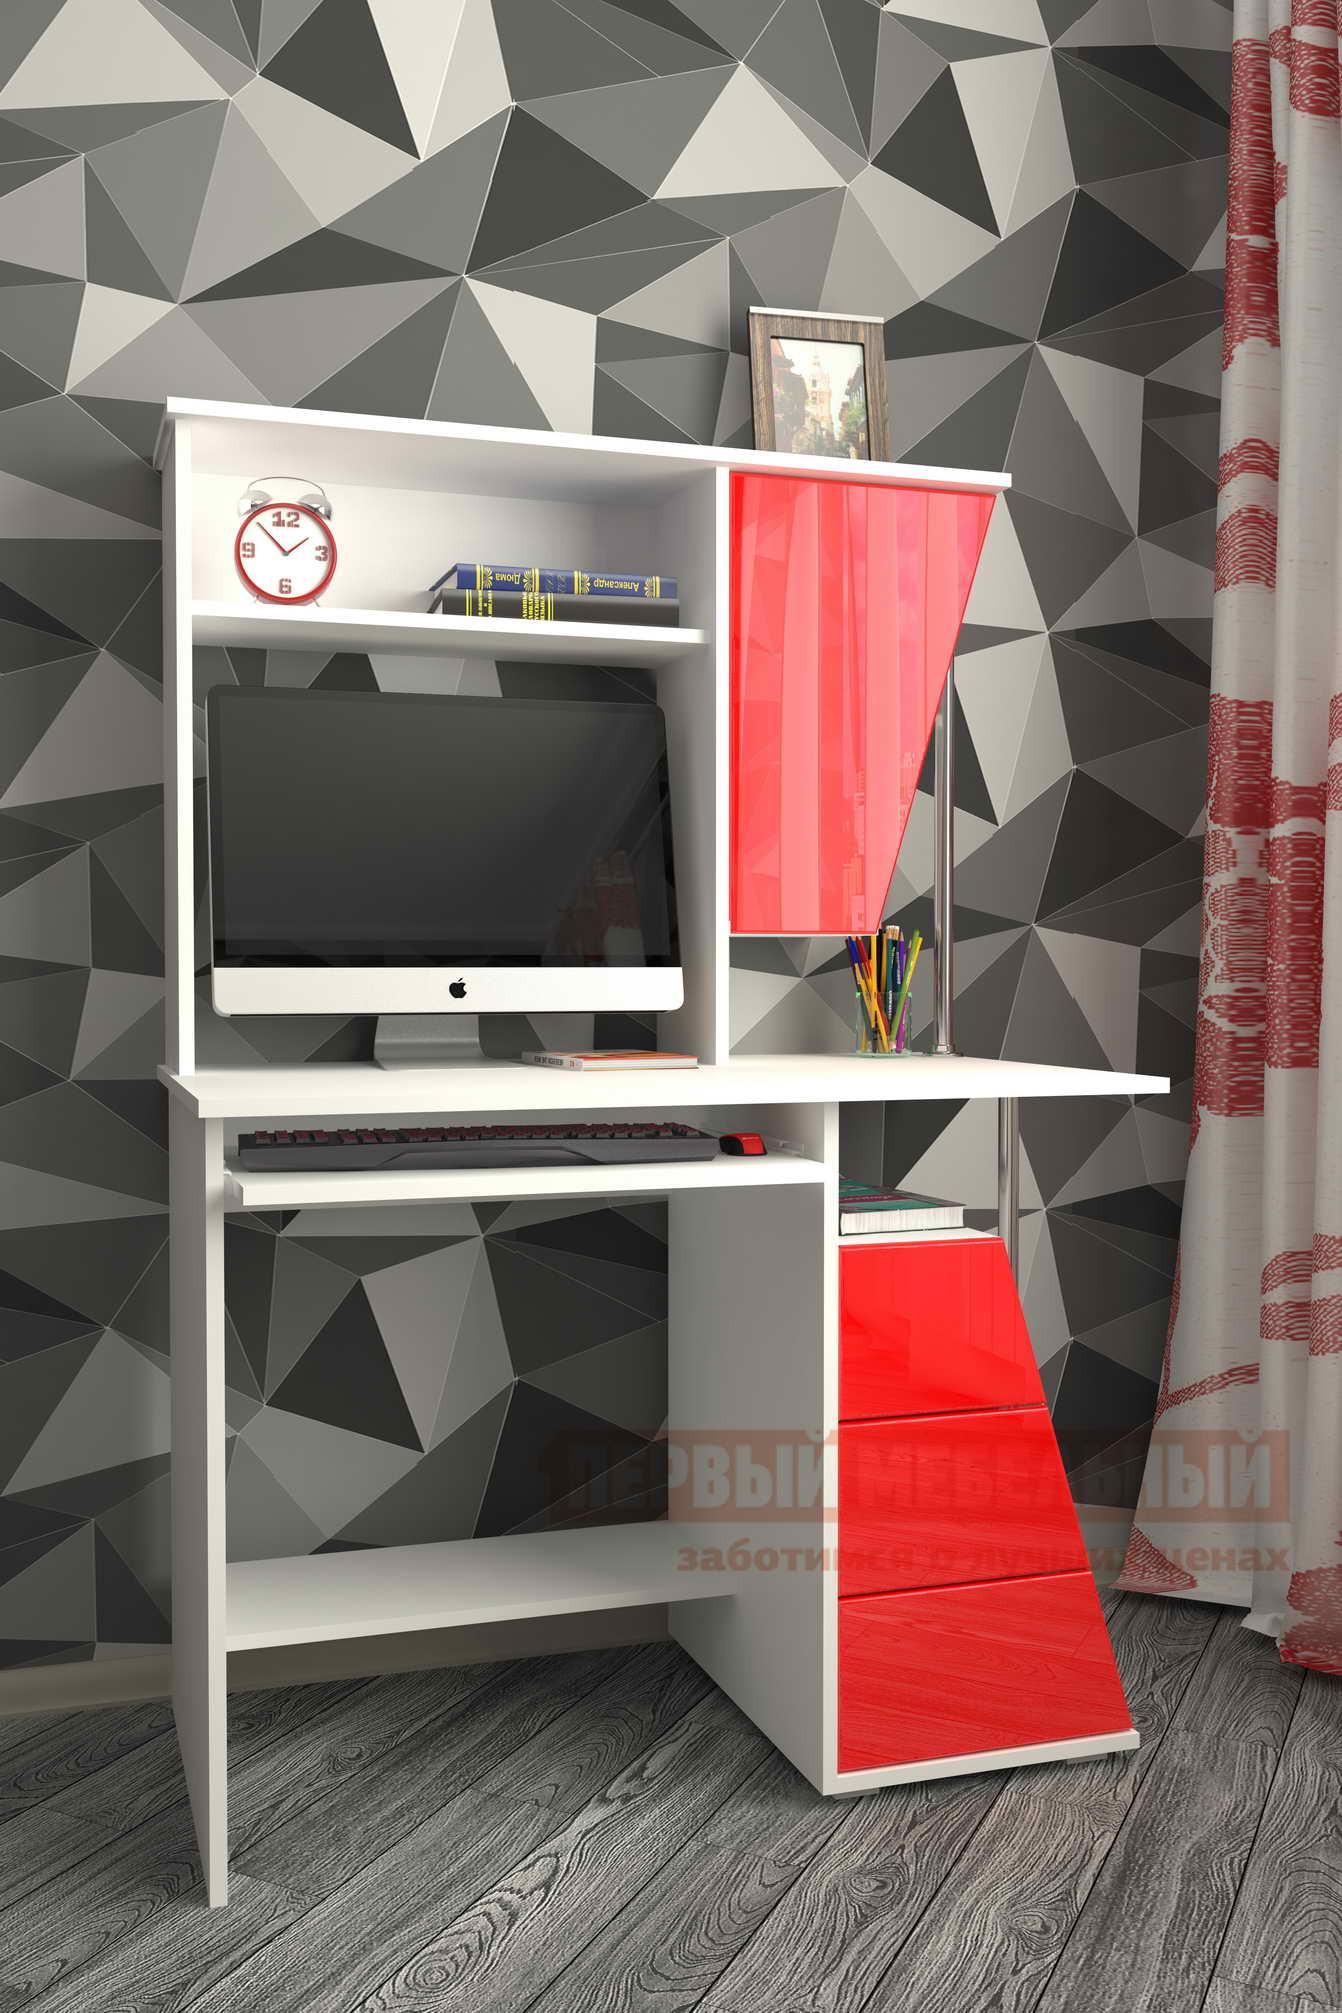 Стол для компьютера Мебелеф Мебелеф-53 Белый / Красный глянец 2951, Левый от Купистол